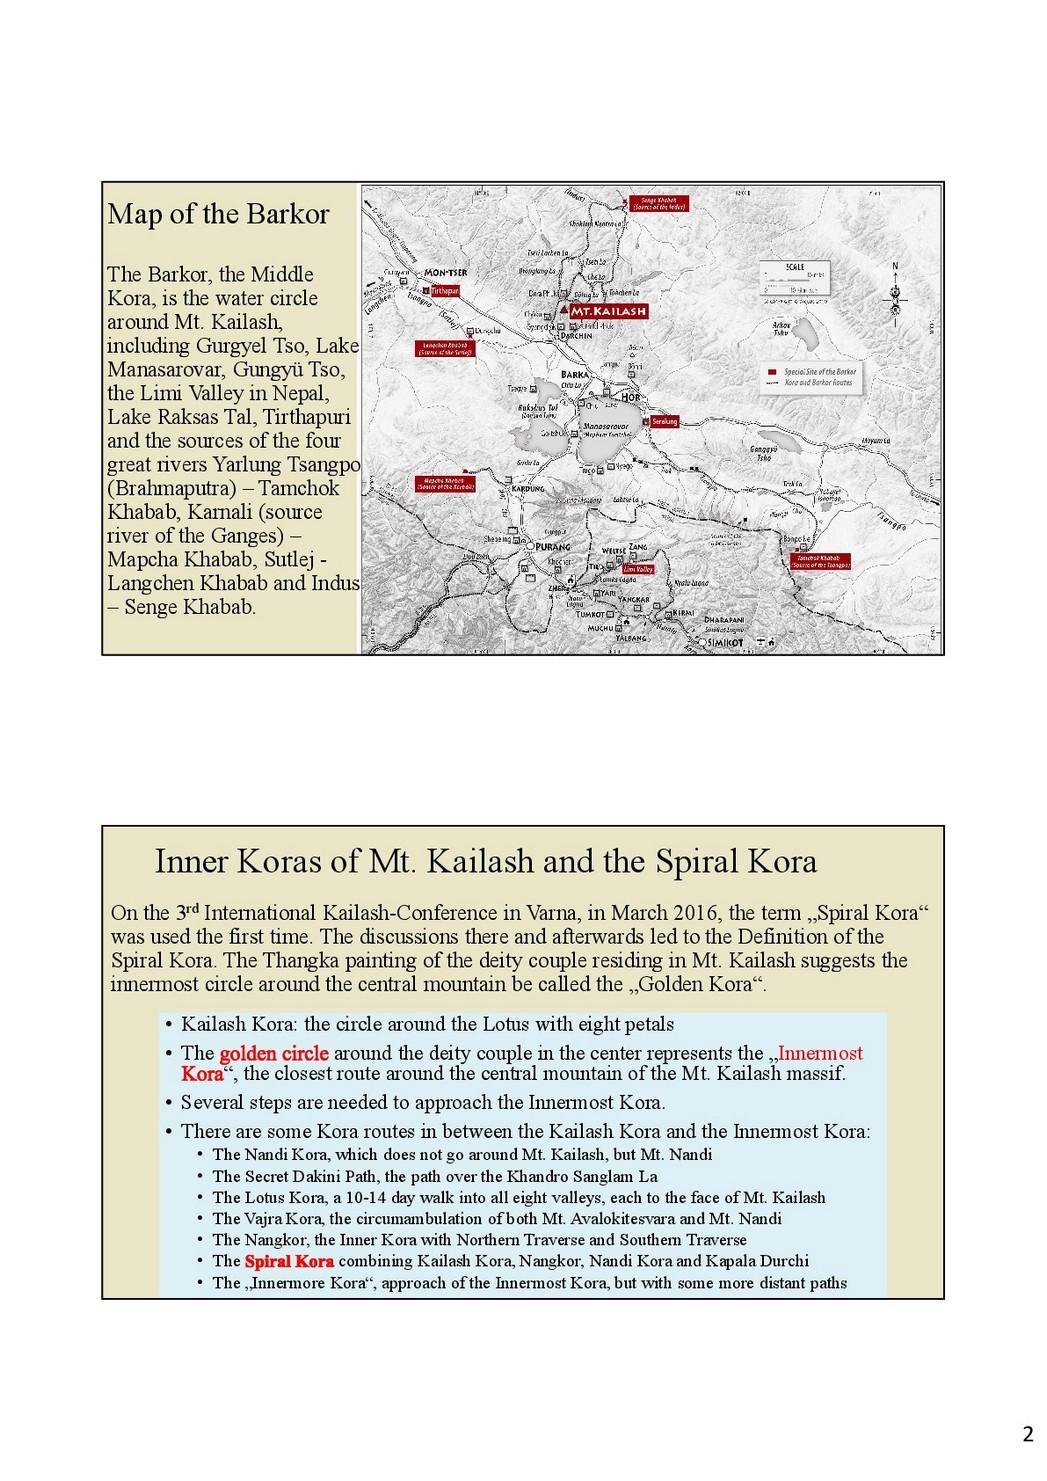 Spiral-Kora-of-Mt.-Kailash-2